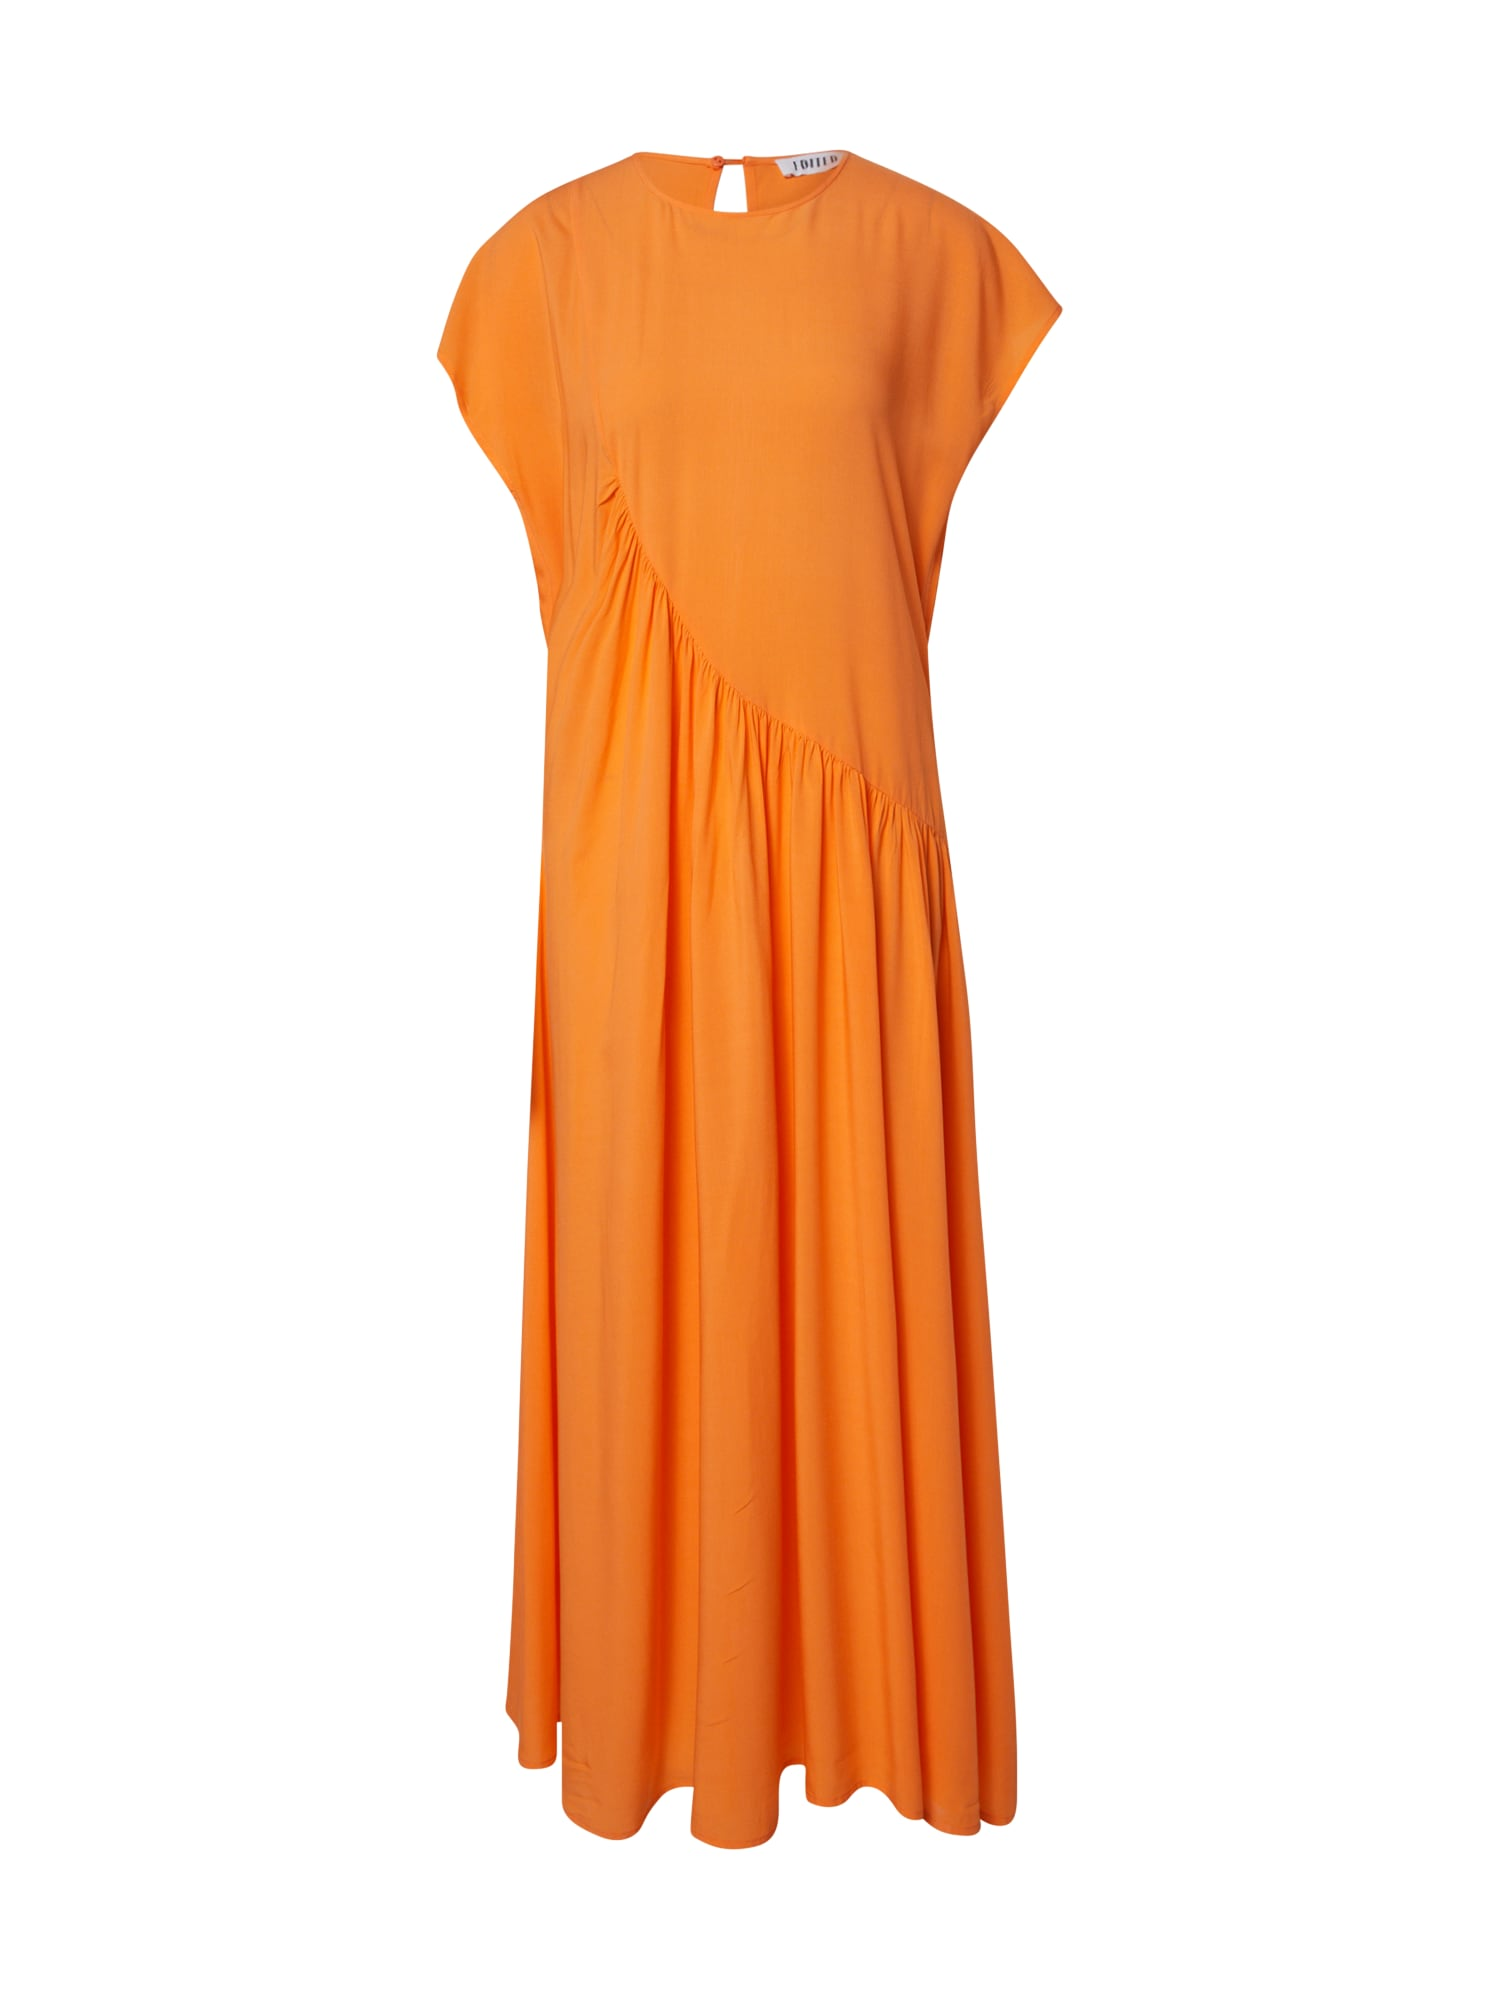 EDITED Vasarinė suknelė 'Uta' oranžinė